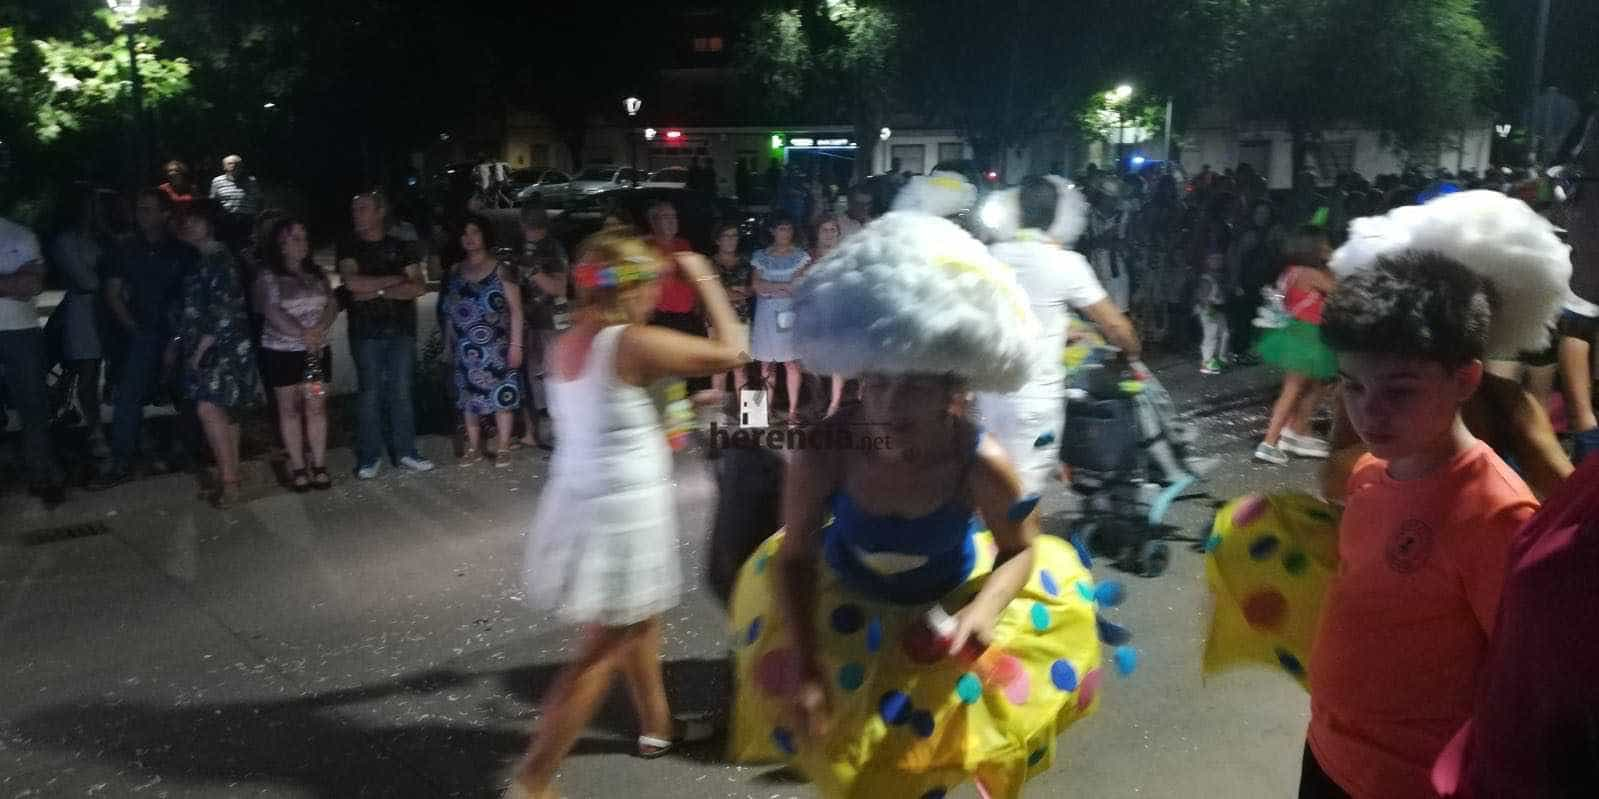 Carnaval de herencia 2019 galeria 34 - Galería de fotografías del Carnaval de Verano 2019